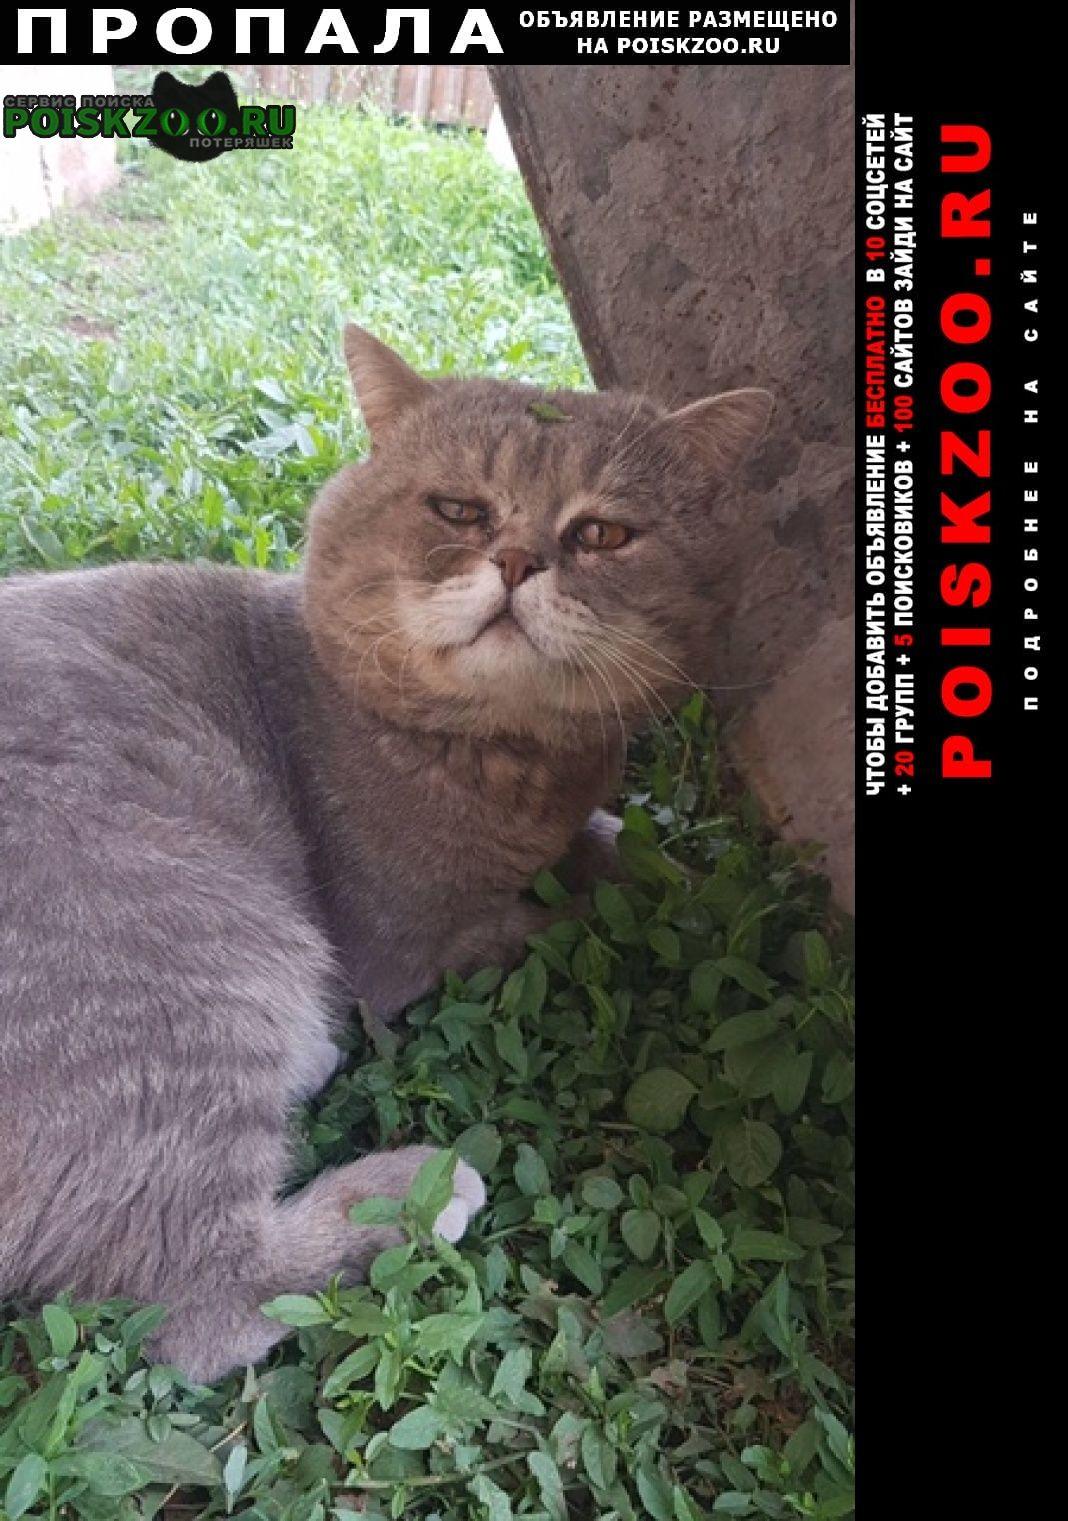 Пропала кошка кот на заре Энгельс